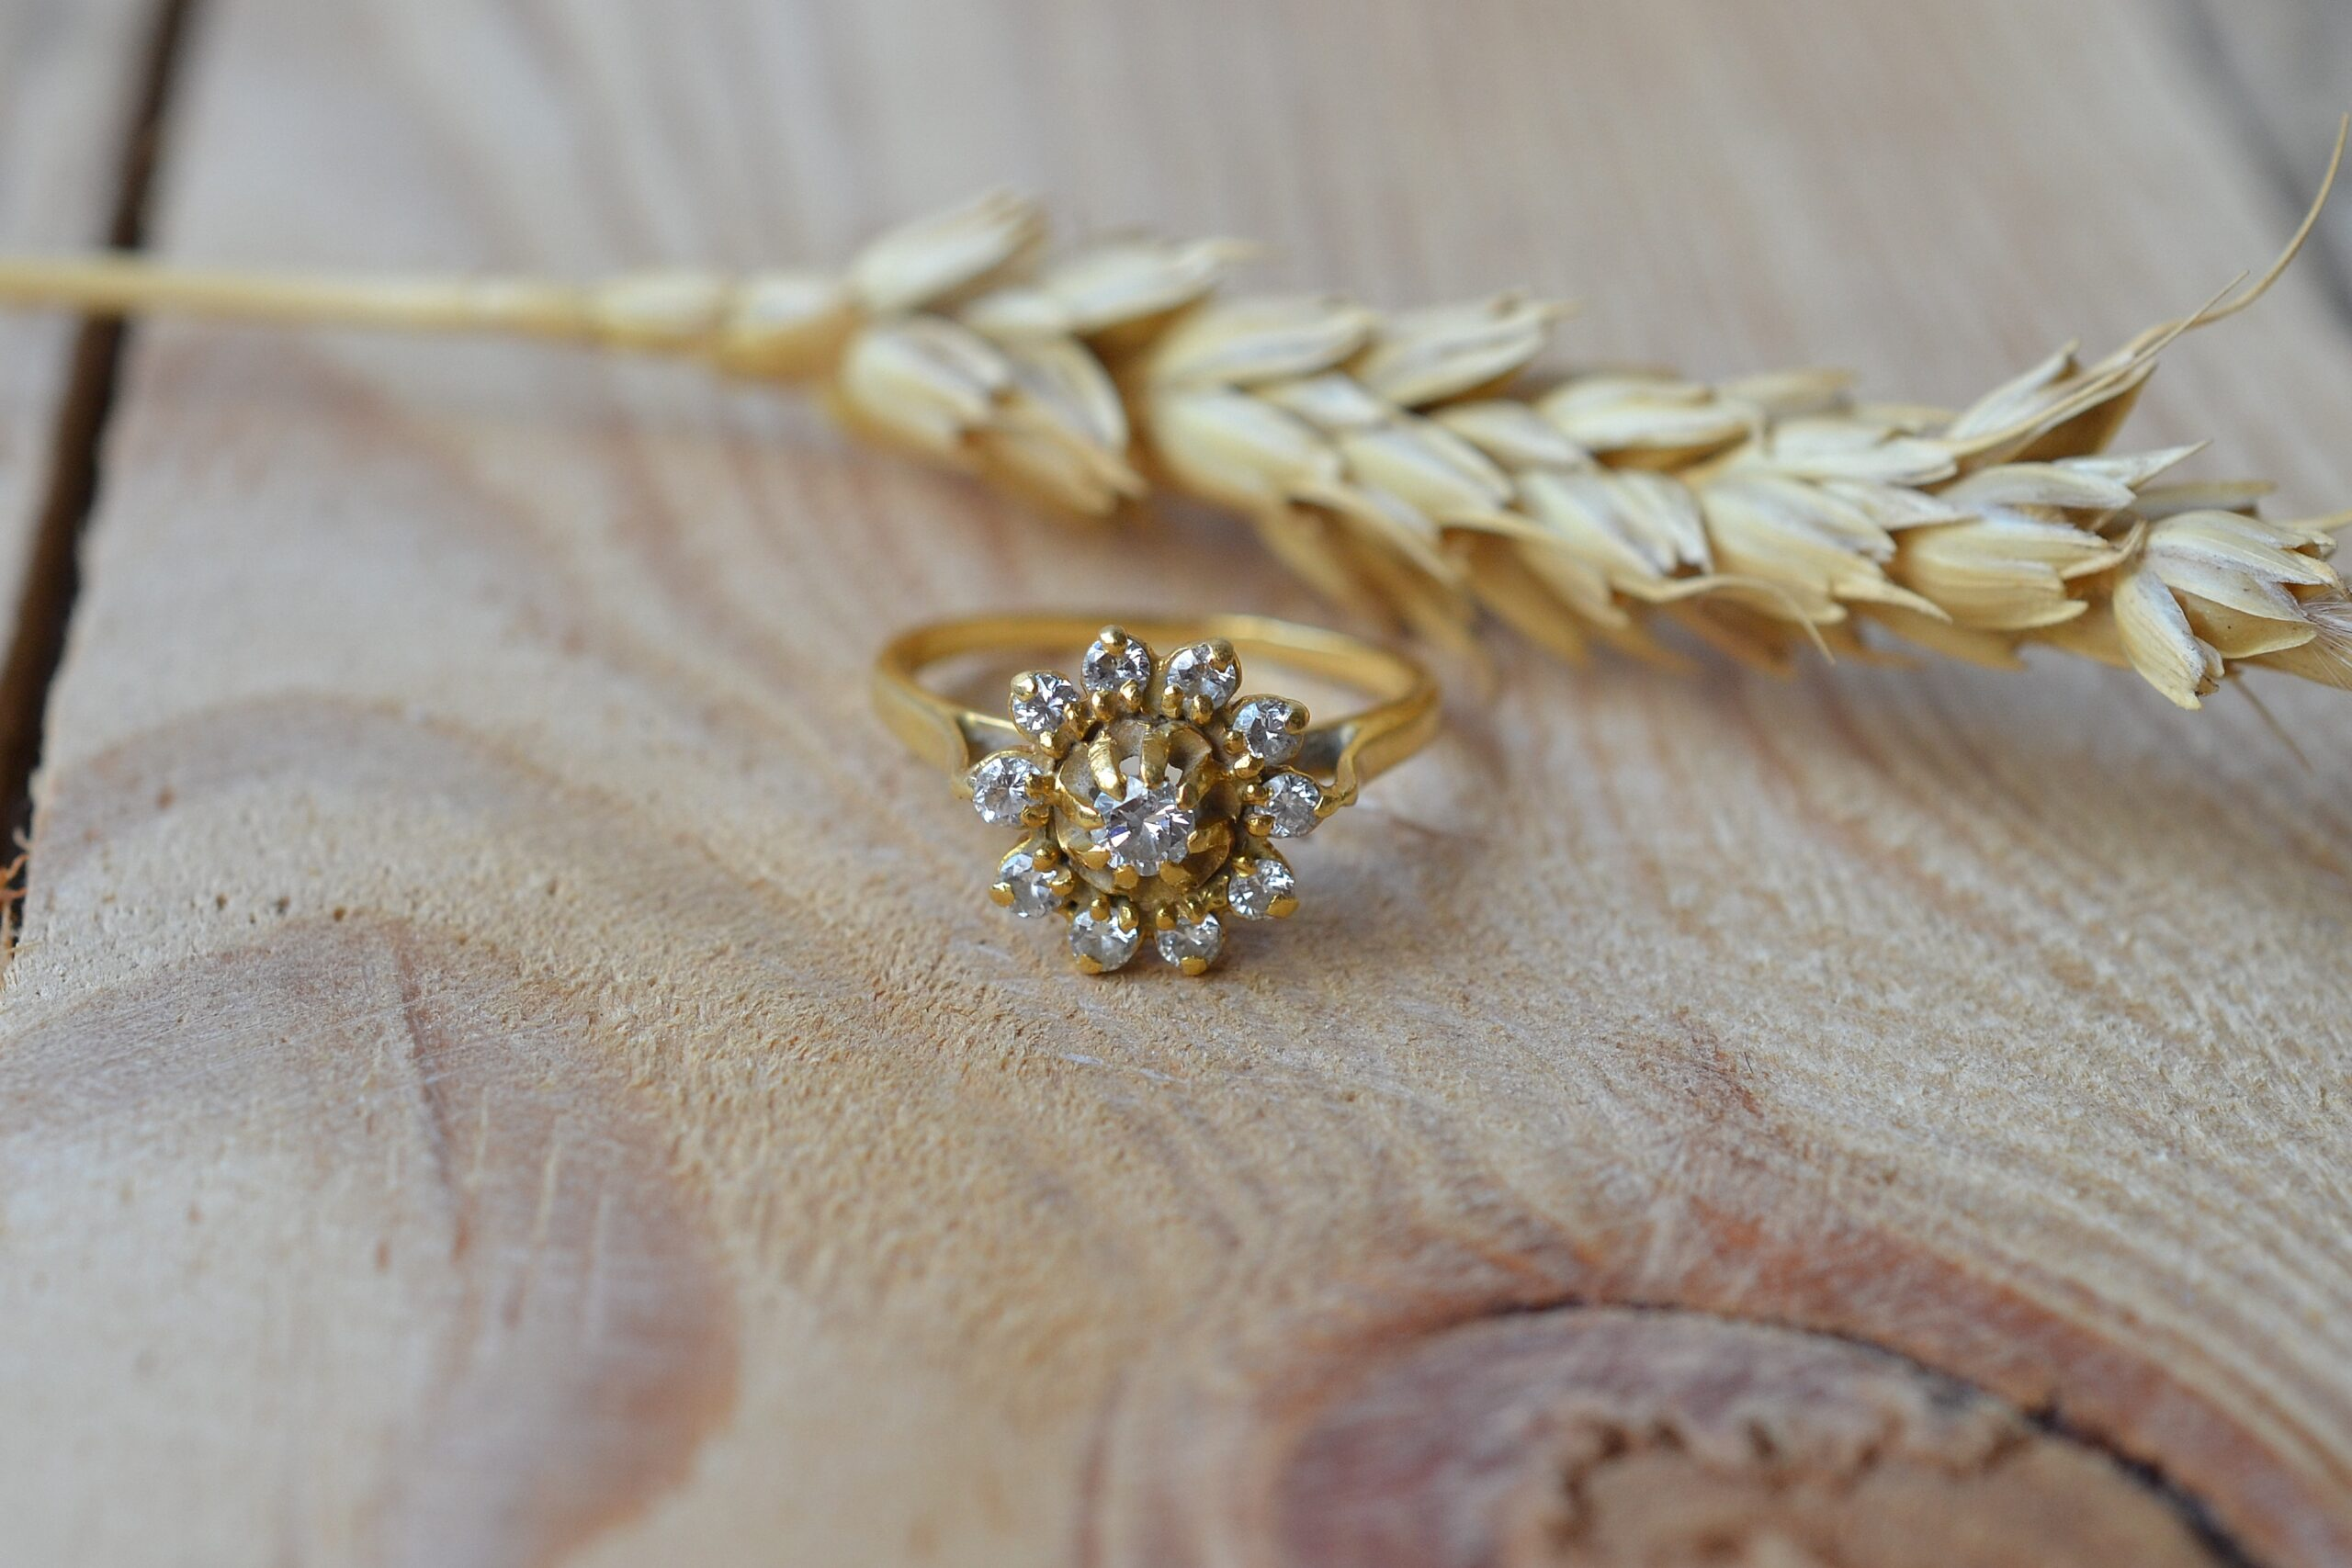 Bague Fleur En Or Jaune Centree D Un Diamant Brillante De 0,07 Carat Dans Un Entourage De Diamants Brillantes Plus Petits - Bague Retro